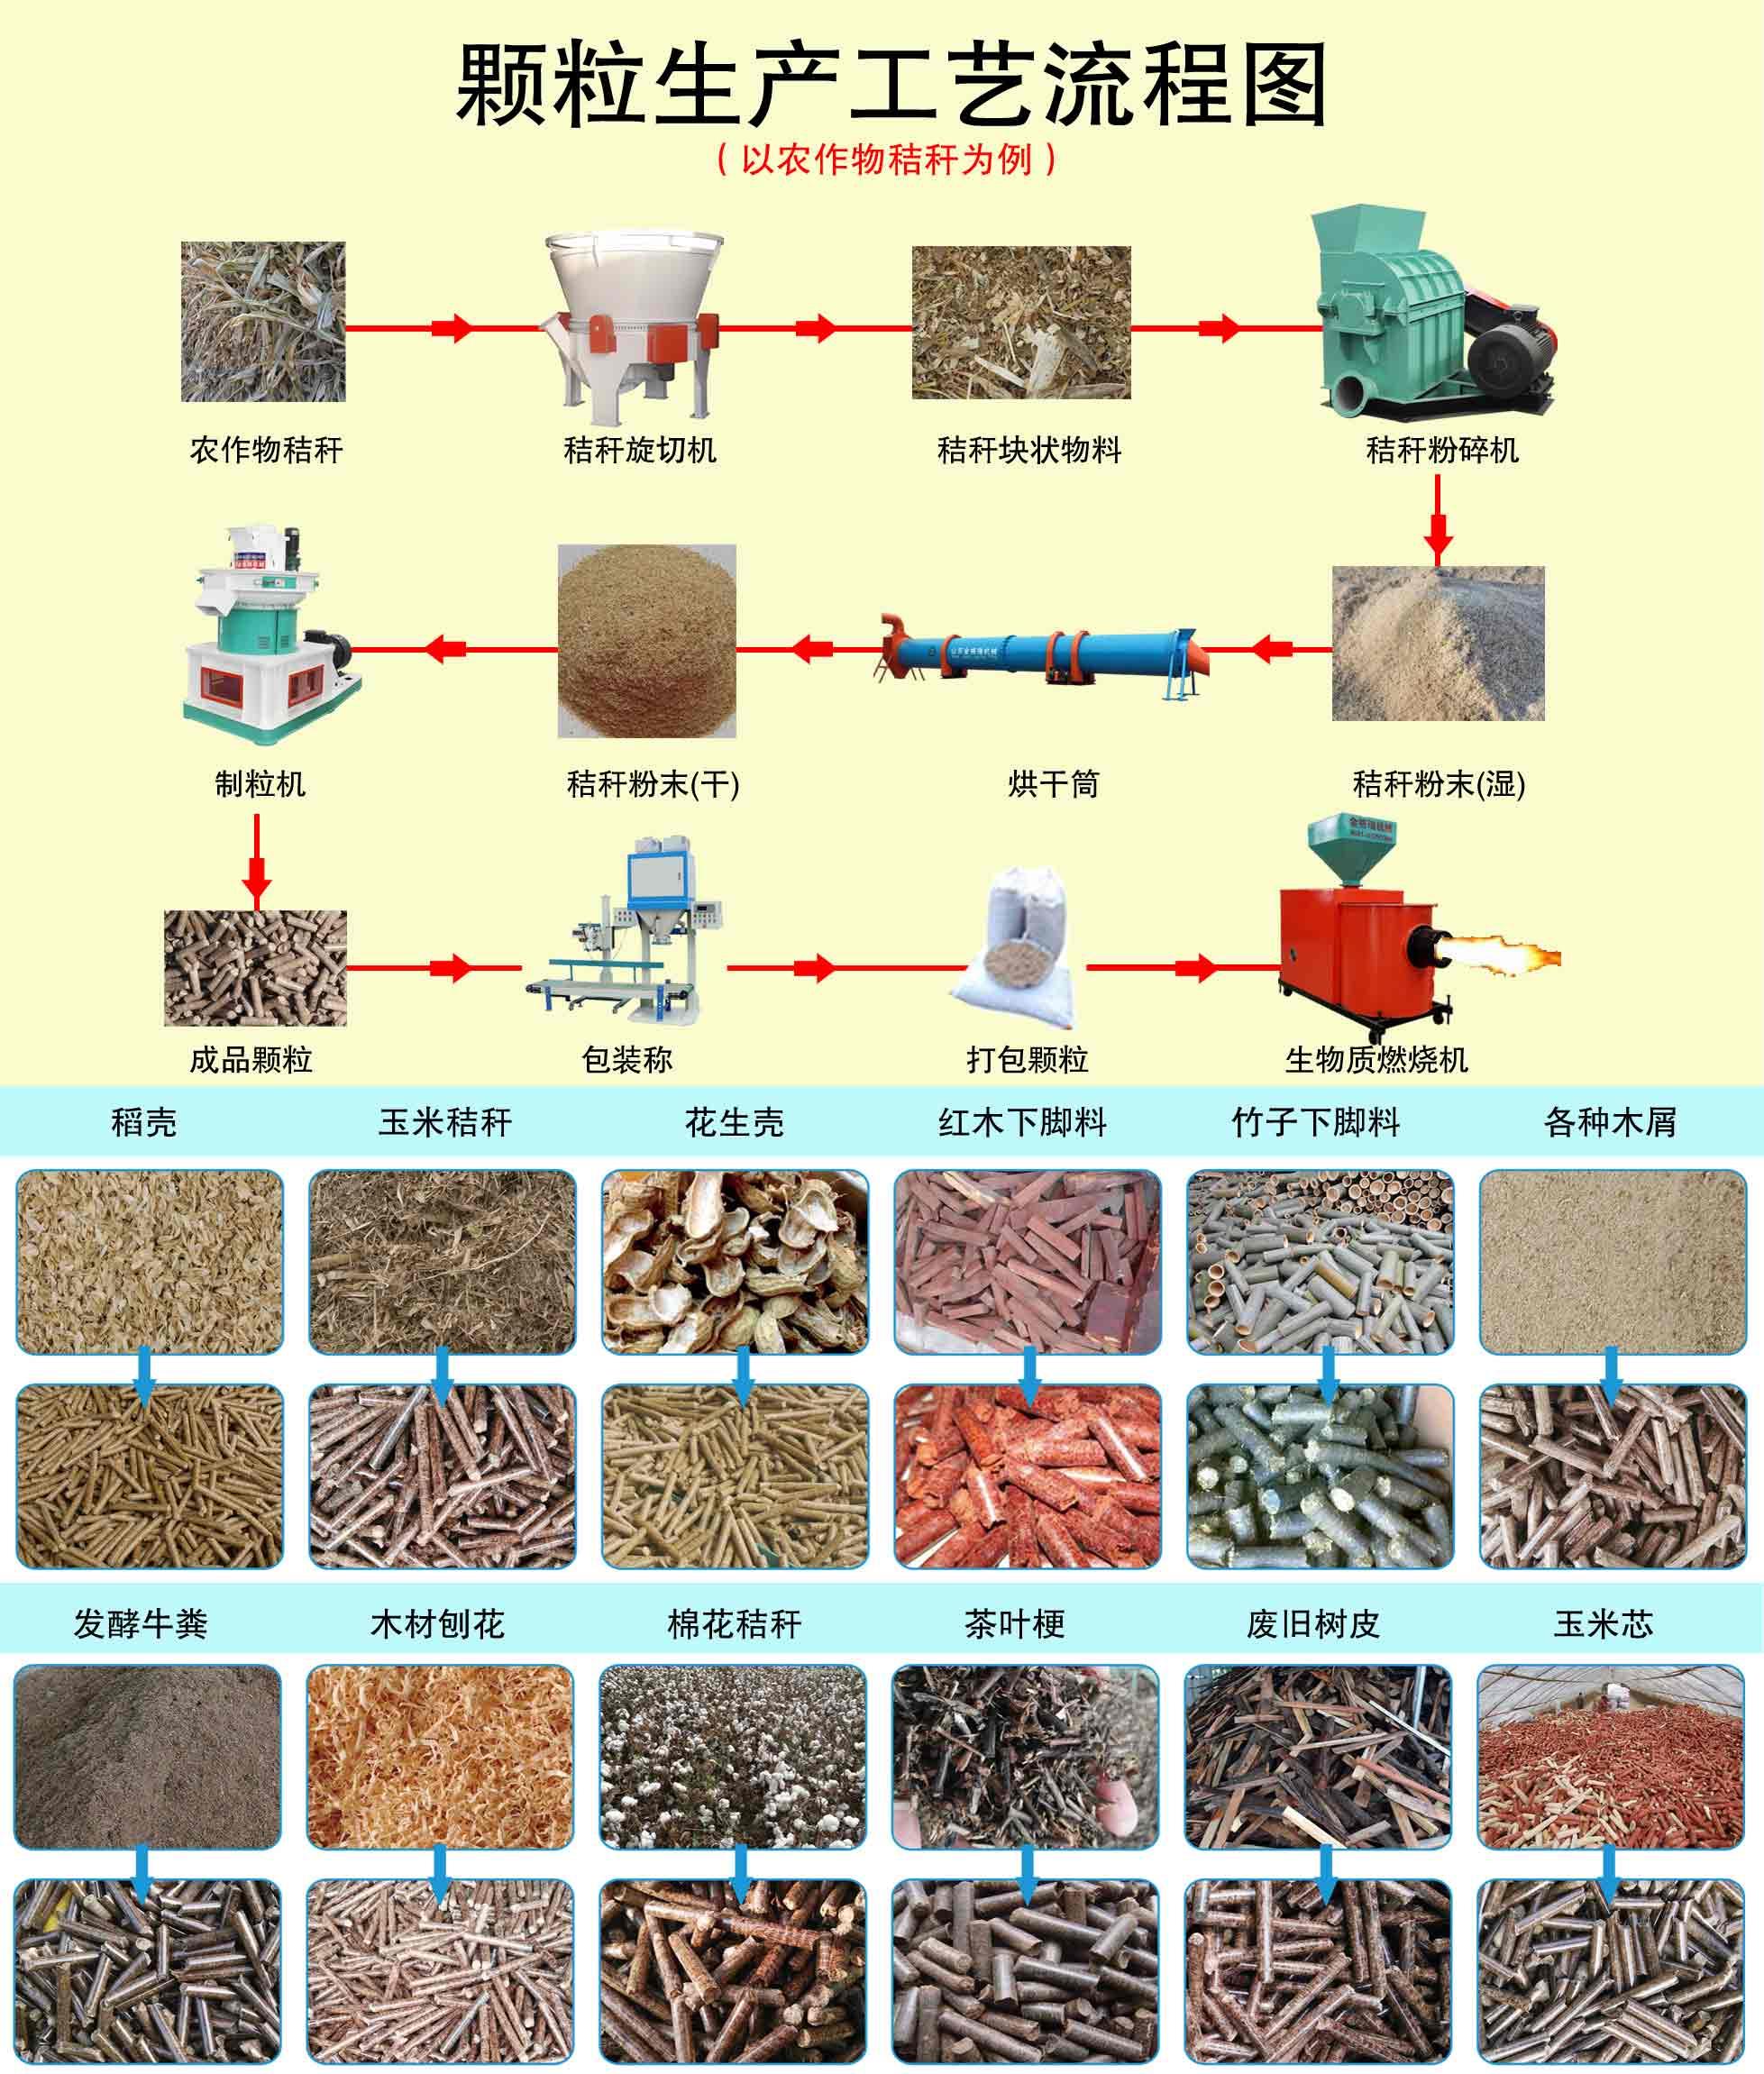 生物质颗粒机工艺流程图